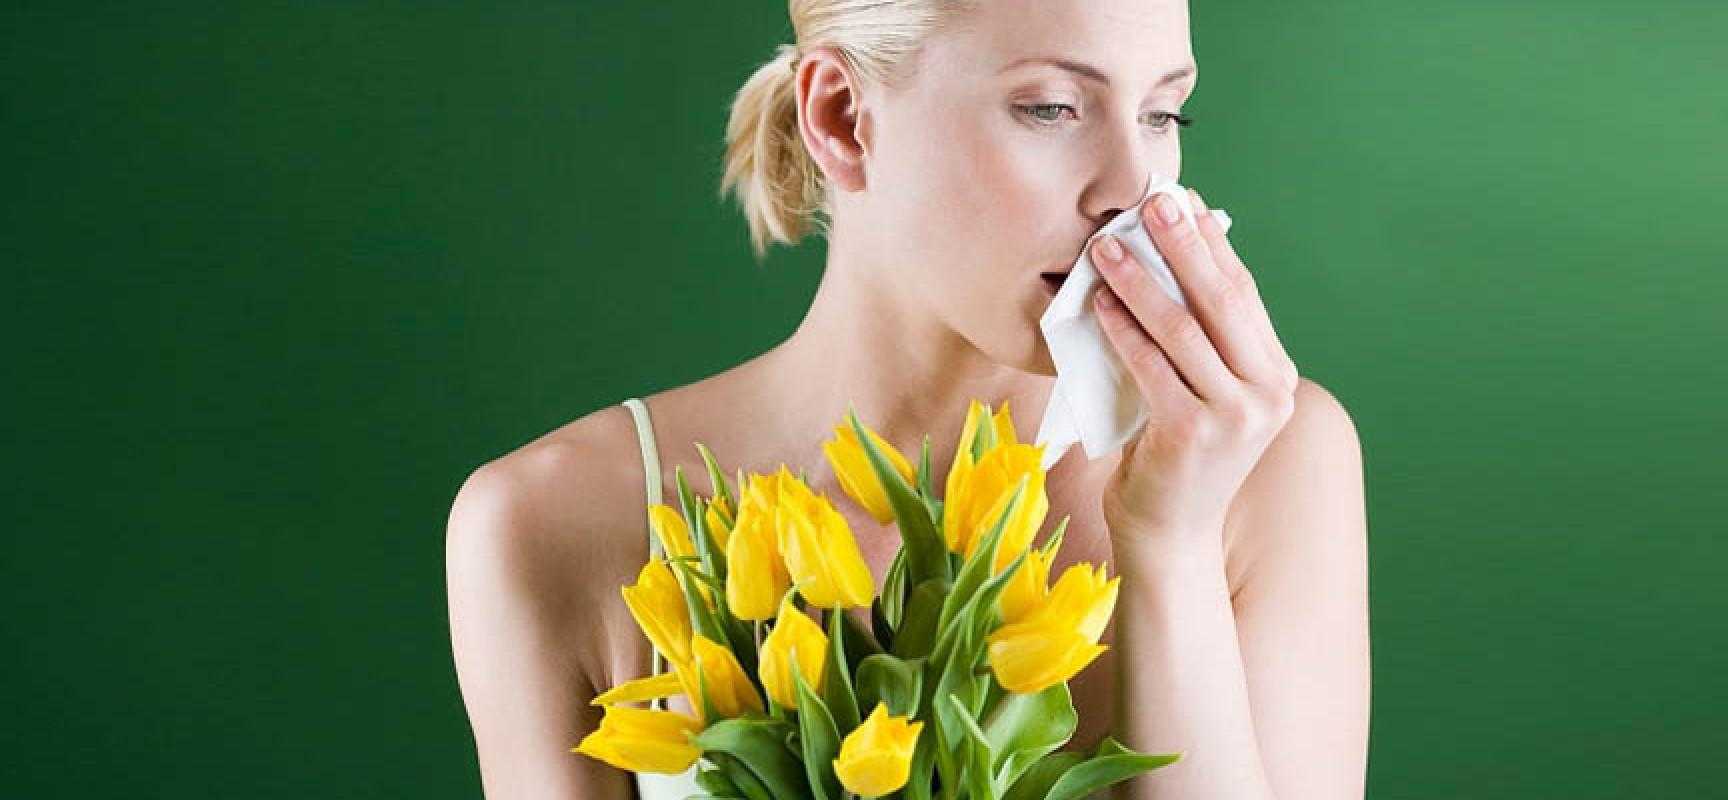 Насморк и желтые цветы